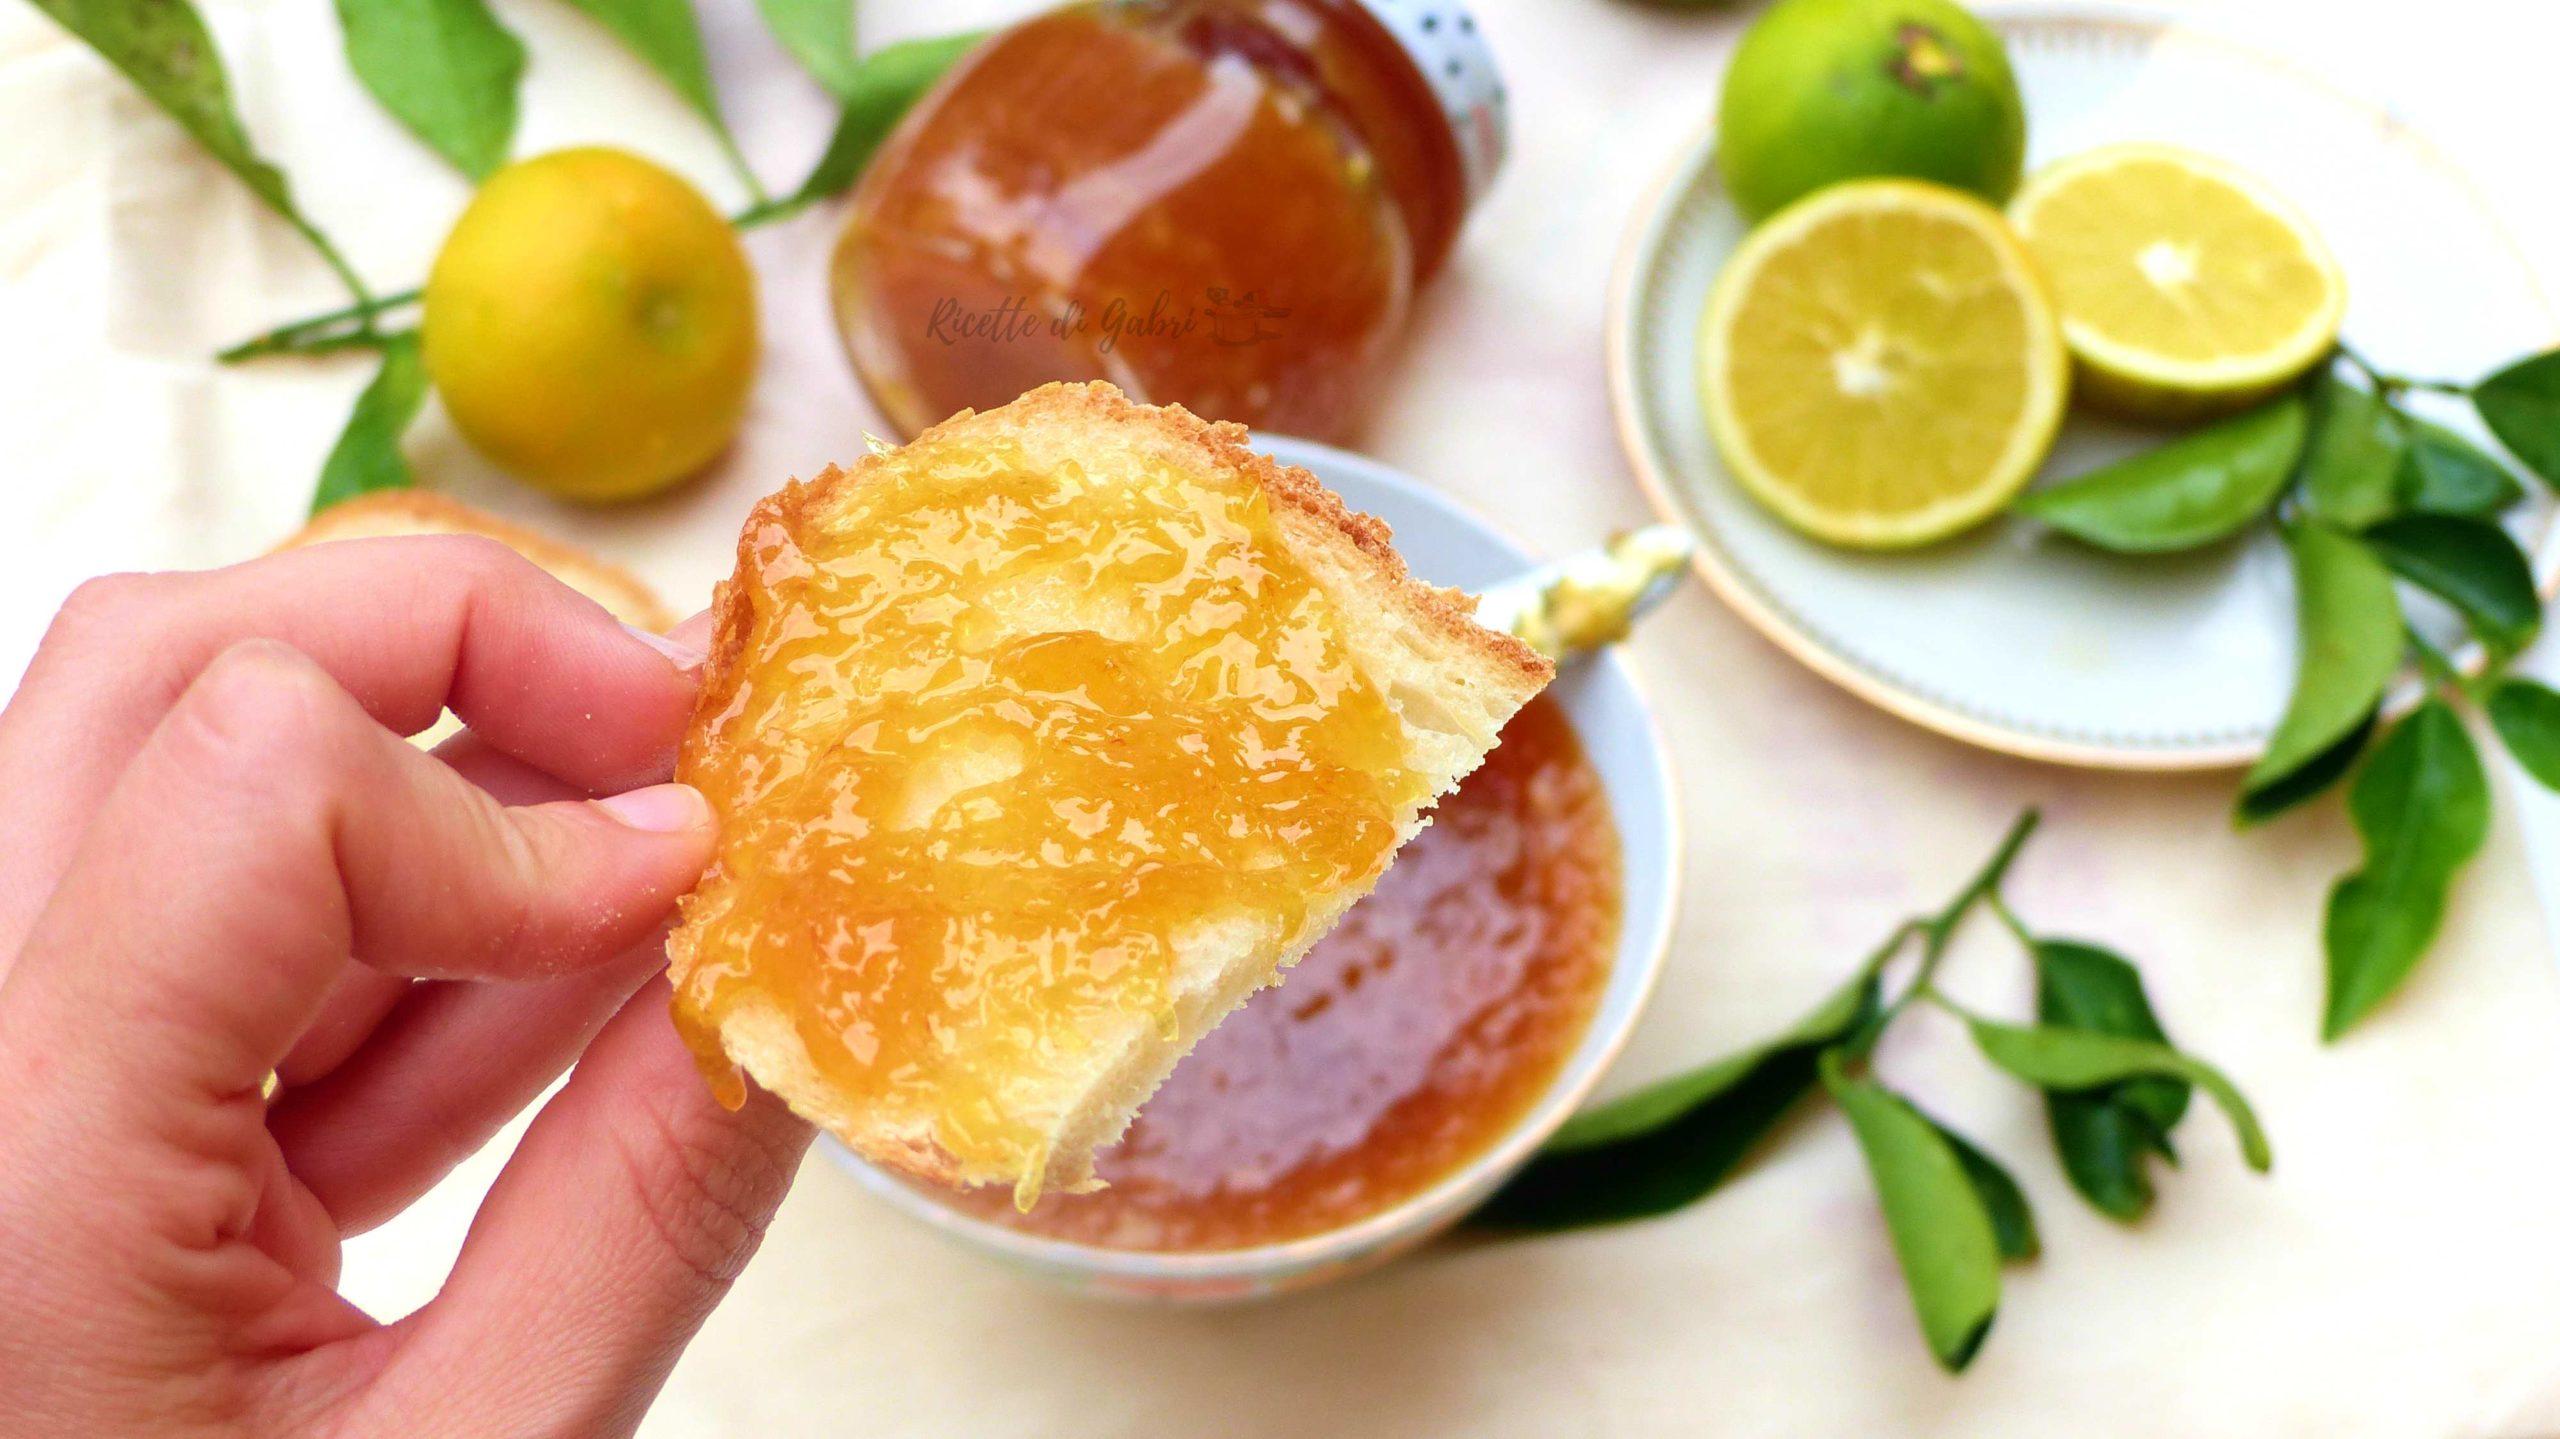 ricetta marmellata di mapo fatta in casa come fare facile veloce arance limoni mandarino